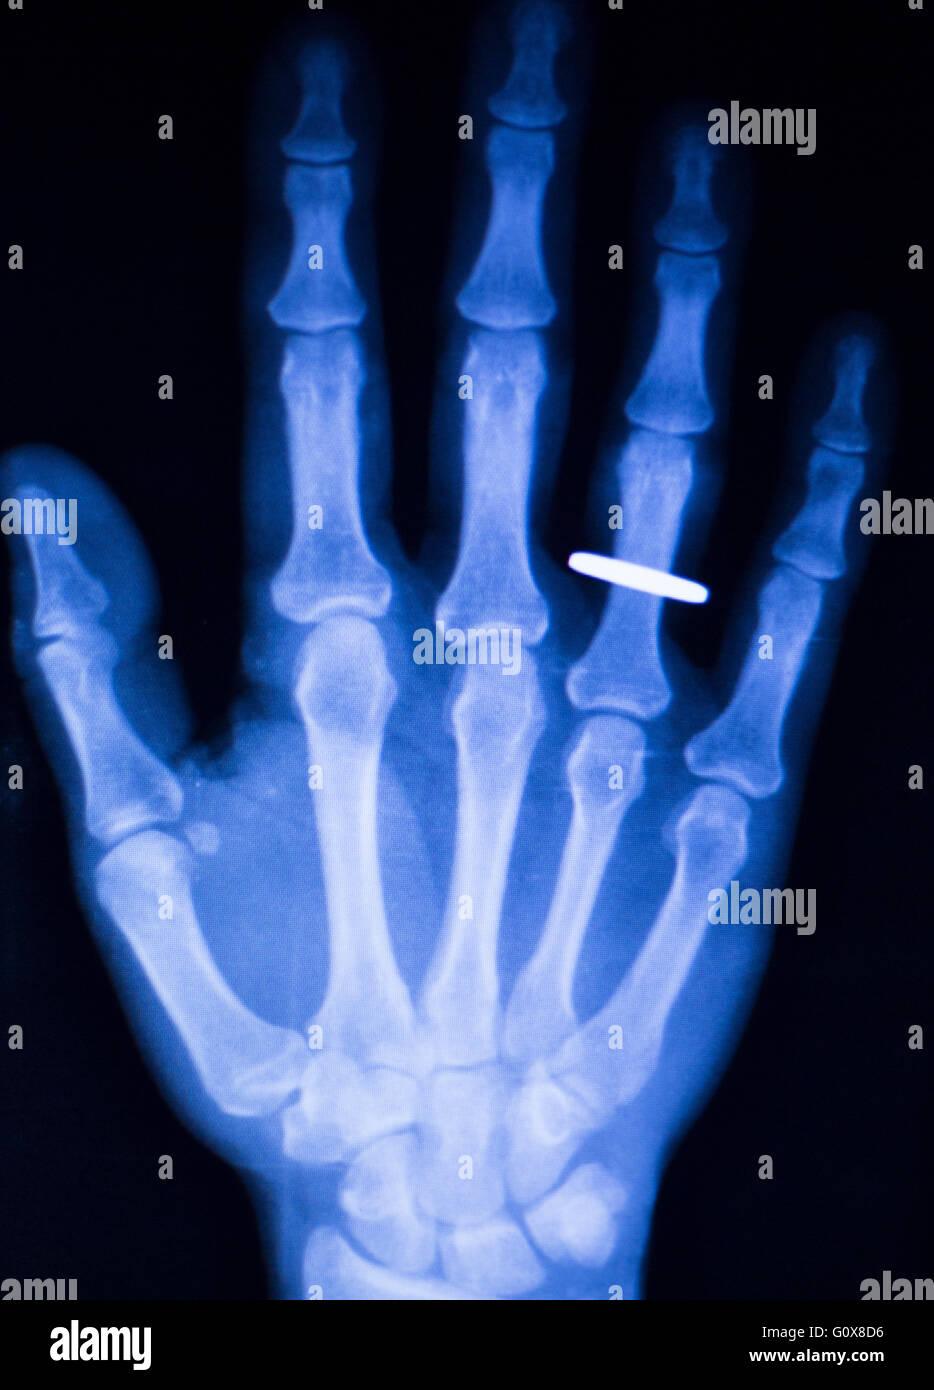 Fein Handwurzelknochen X Ray Anatomie Galerie - Anatomie Von ...